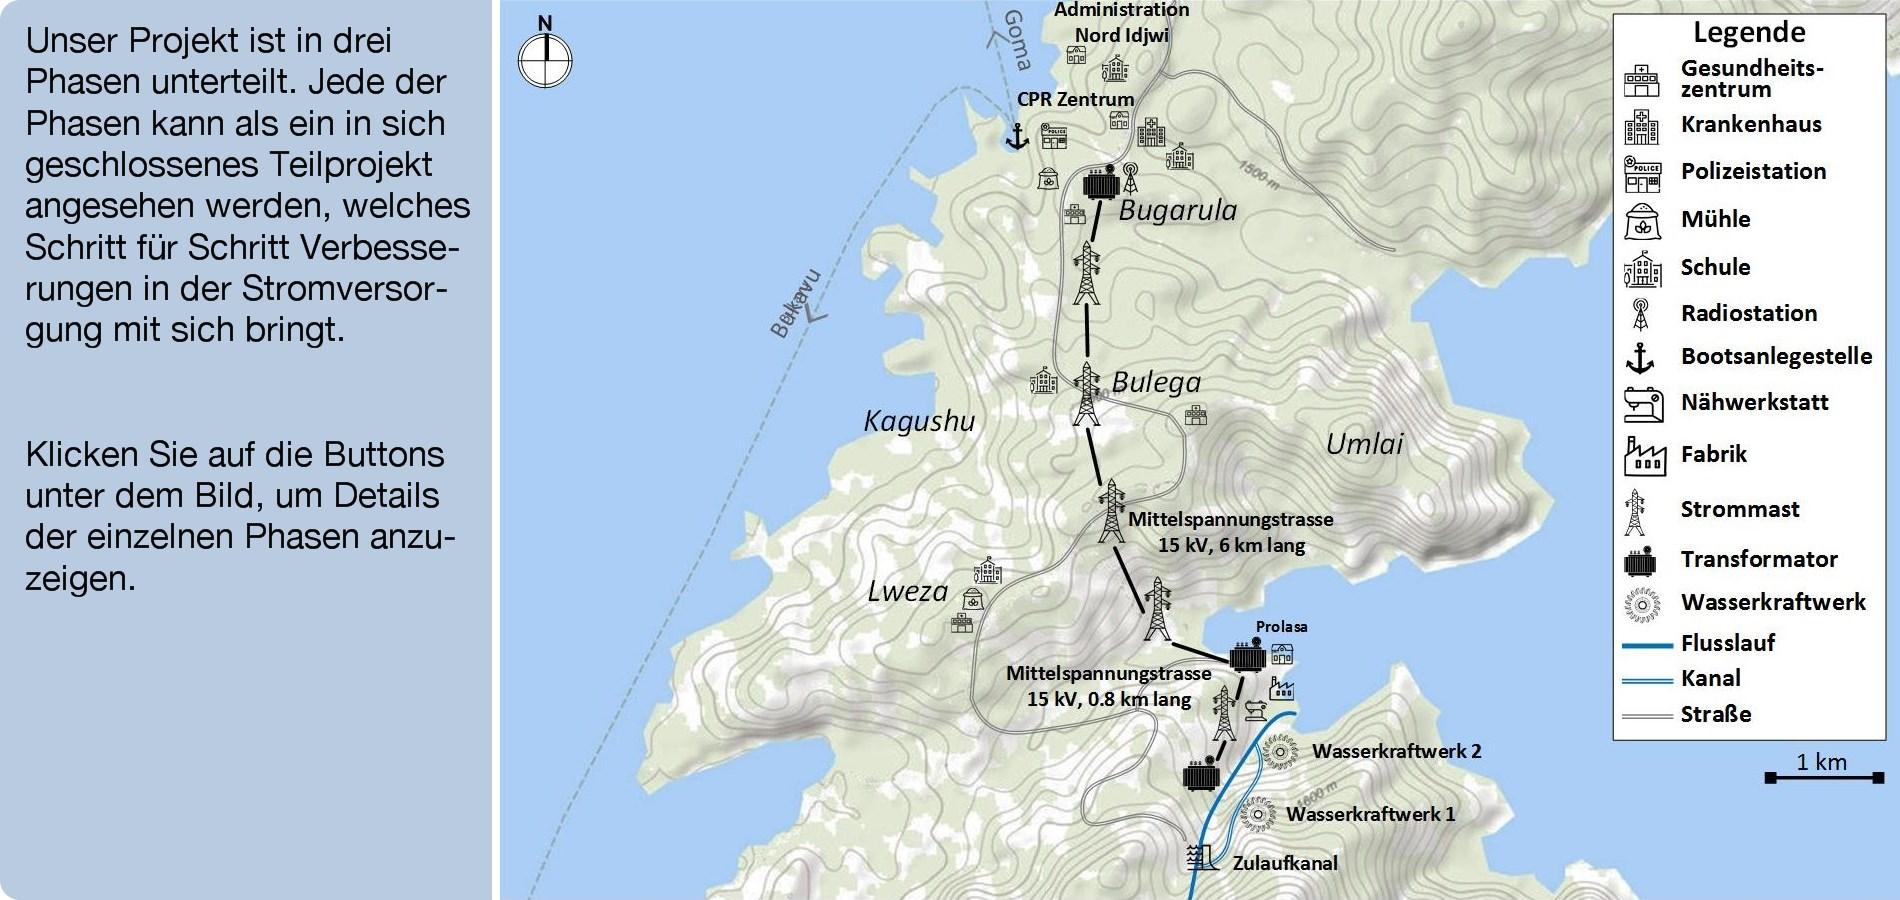 Karte des Projekts Hydroélectricité Idjwi